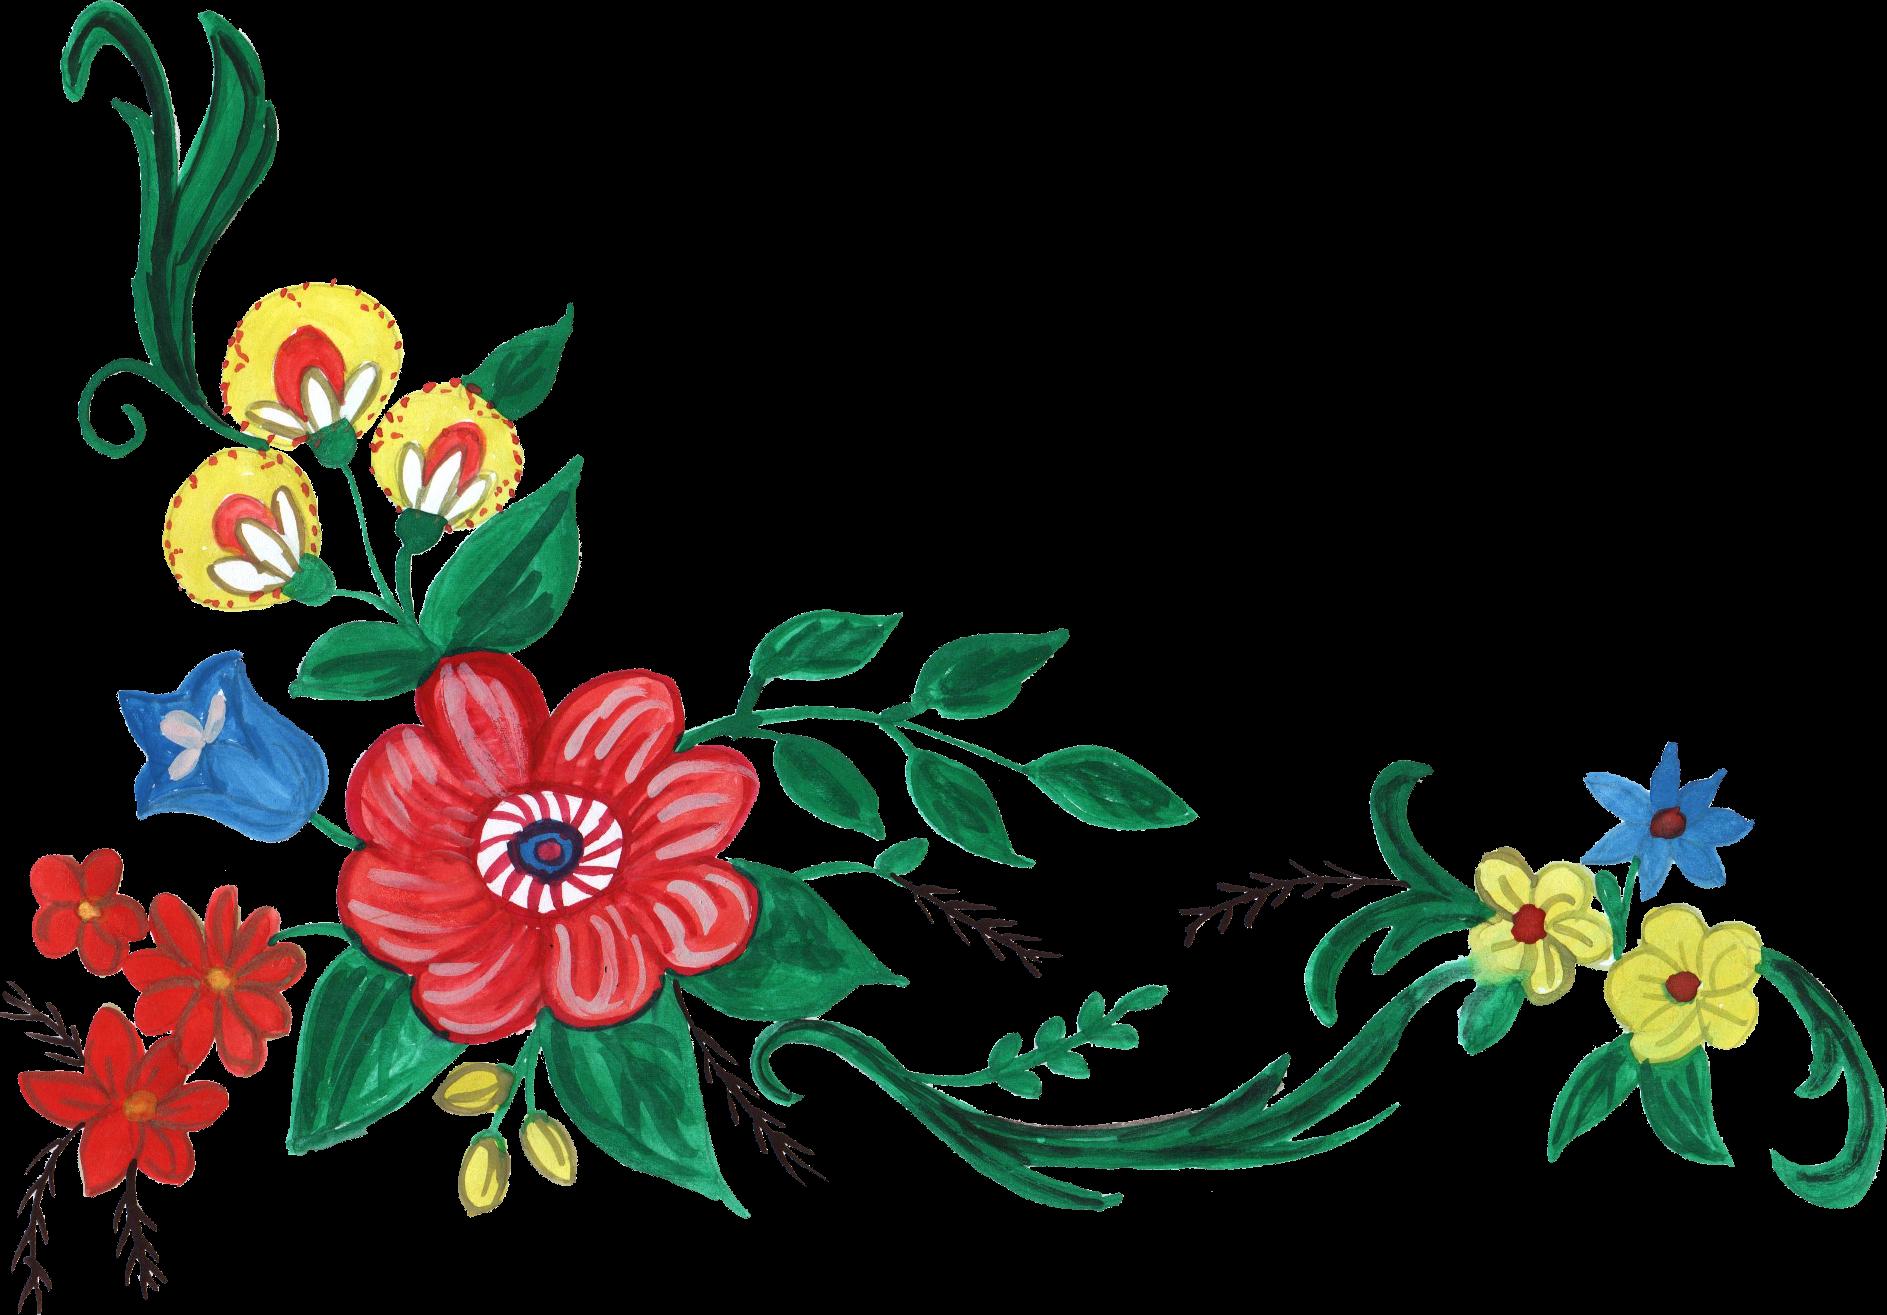 Open Full Size Png File Size Flower Corner Design Png Download Transparent Png Image And Share Seekpng Corner Designs Graphic Design Software Sakura Flower